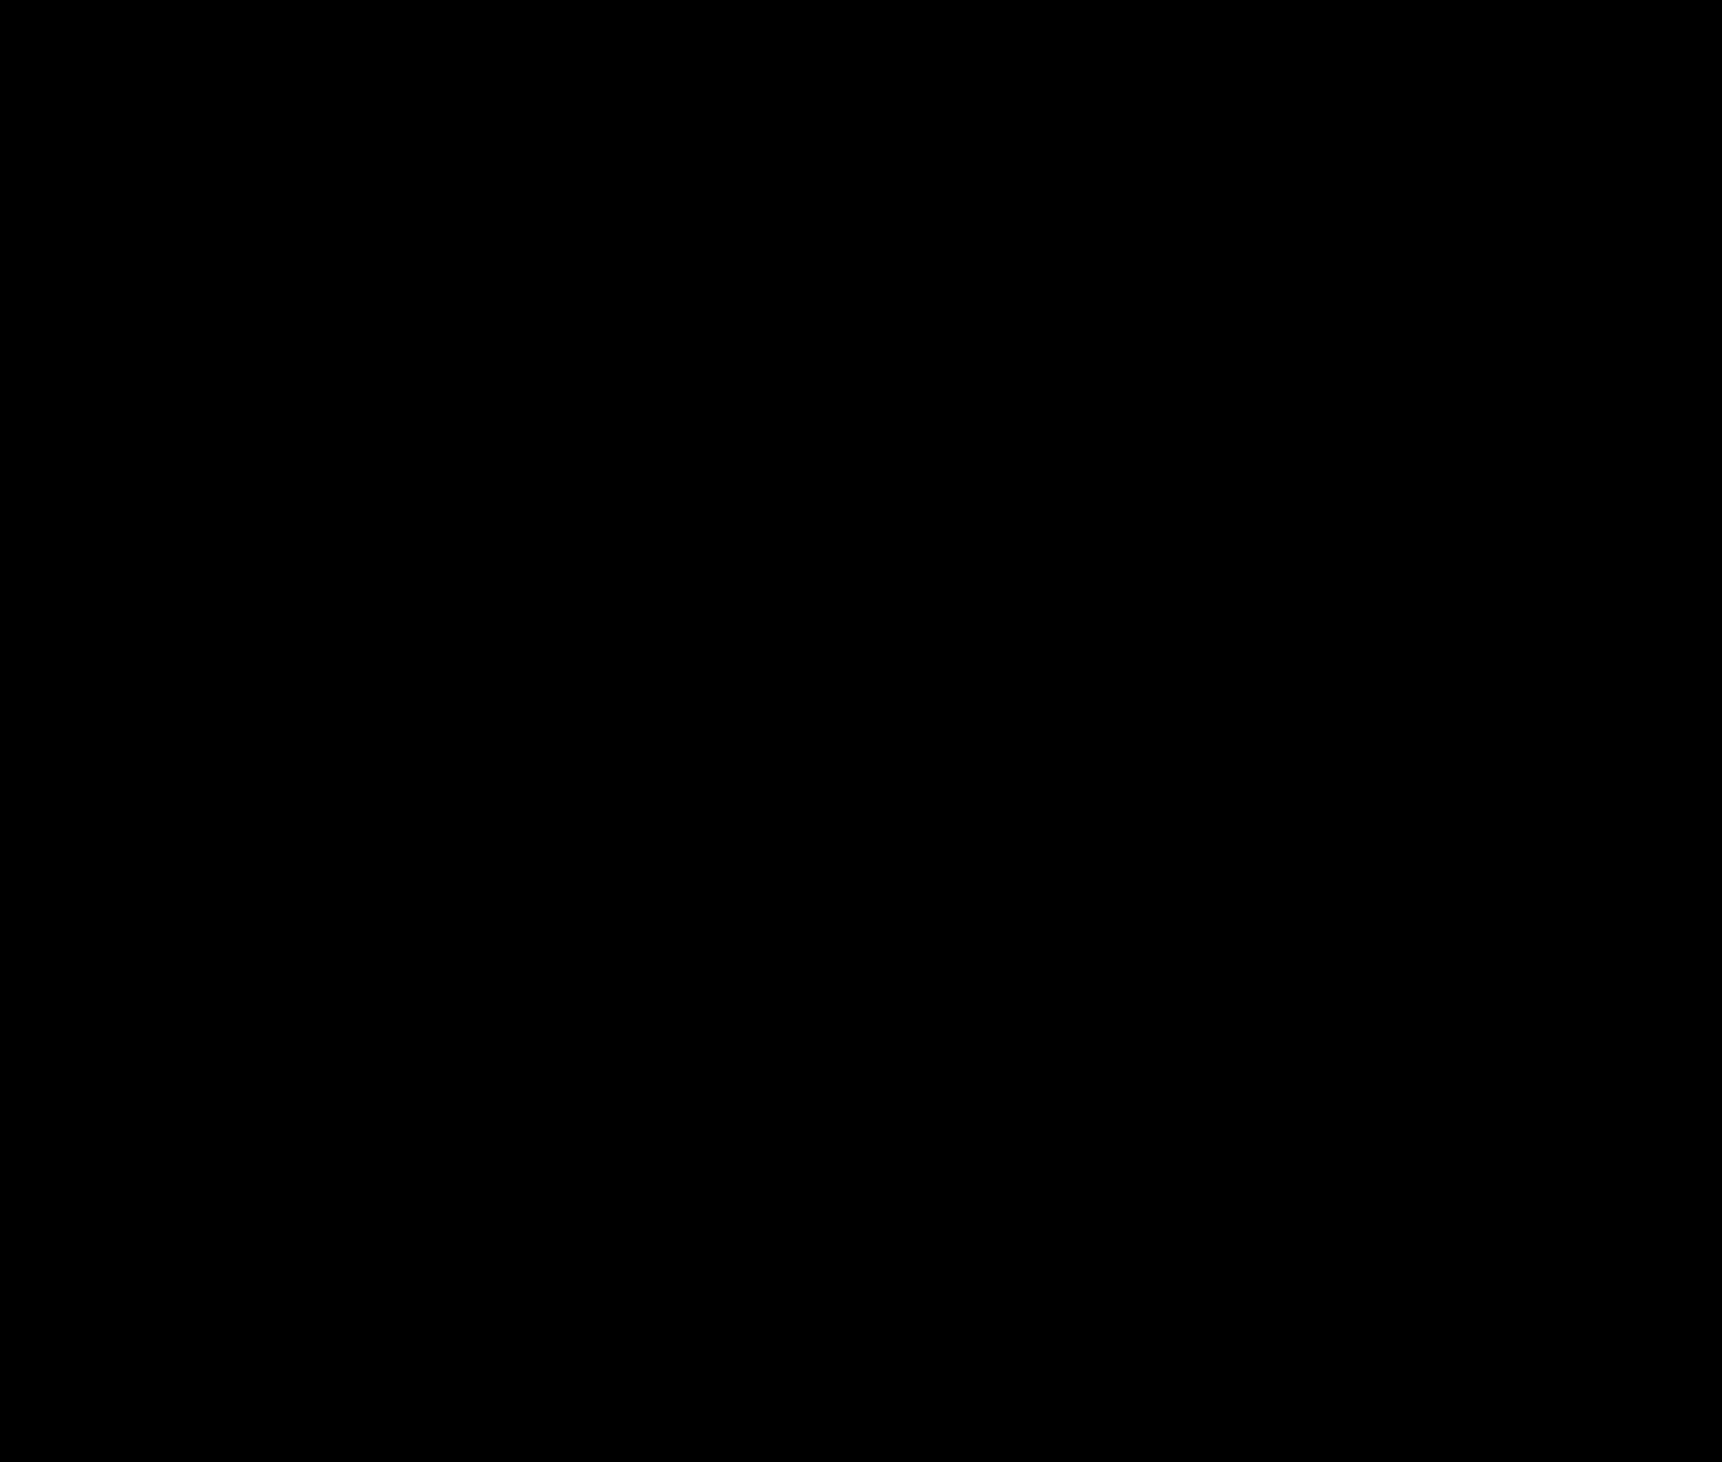 Opblaasbare Flamingo Bekerhouder (set van 3)